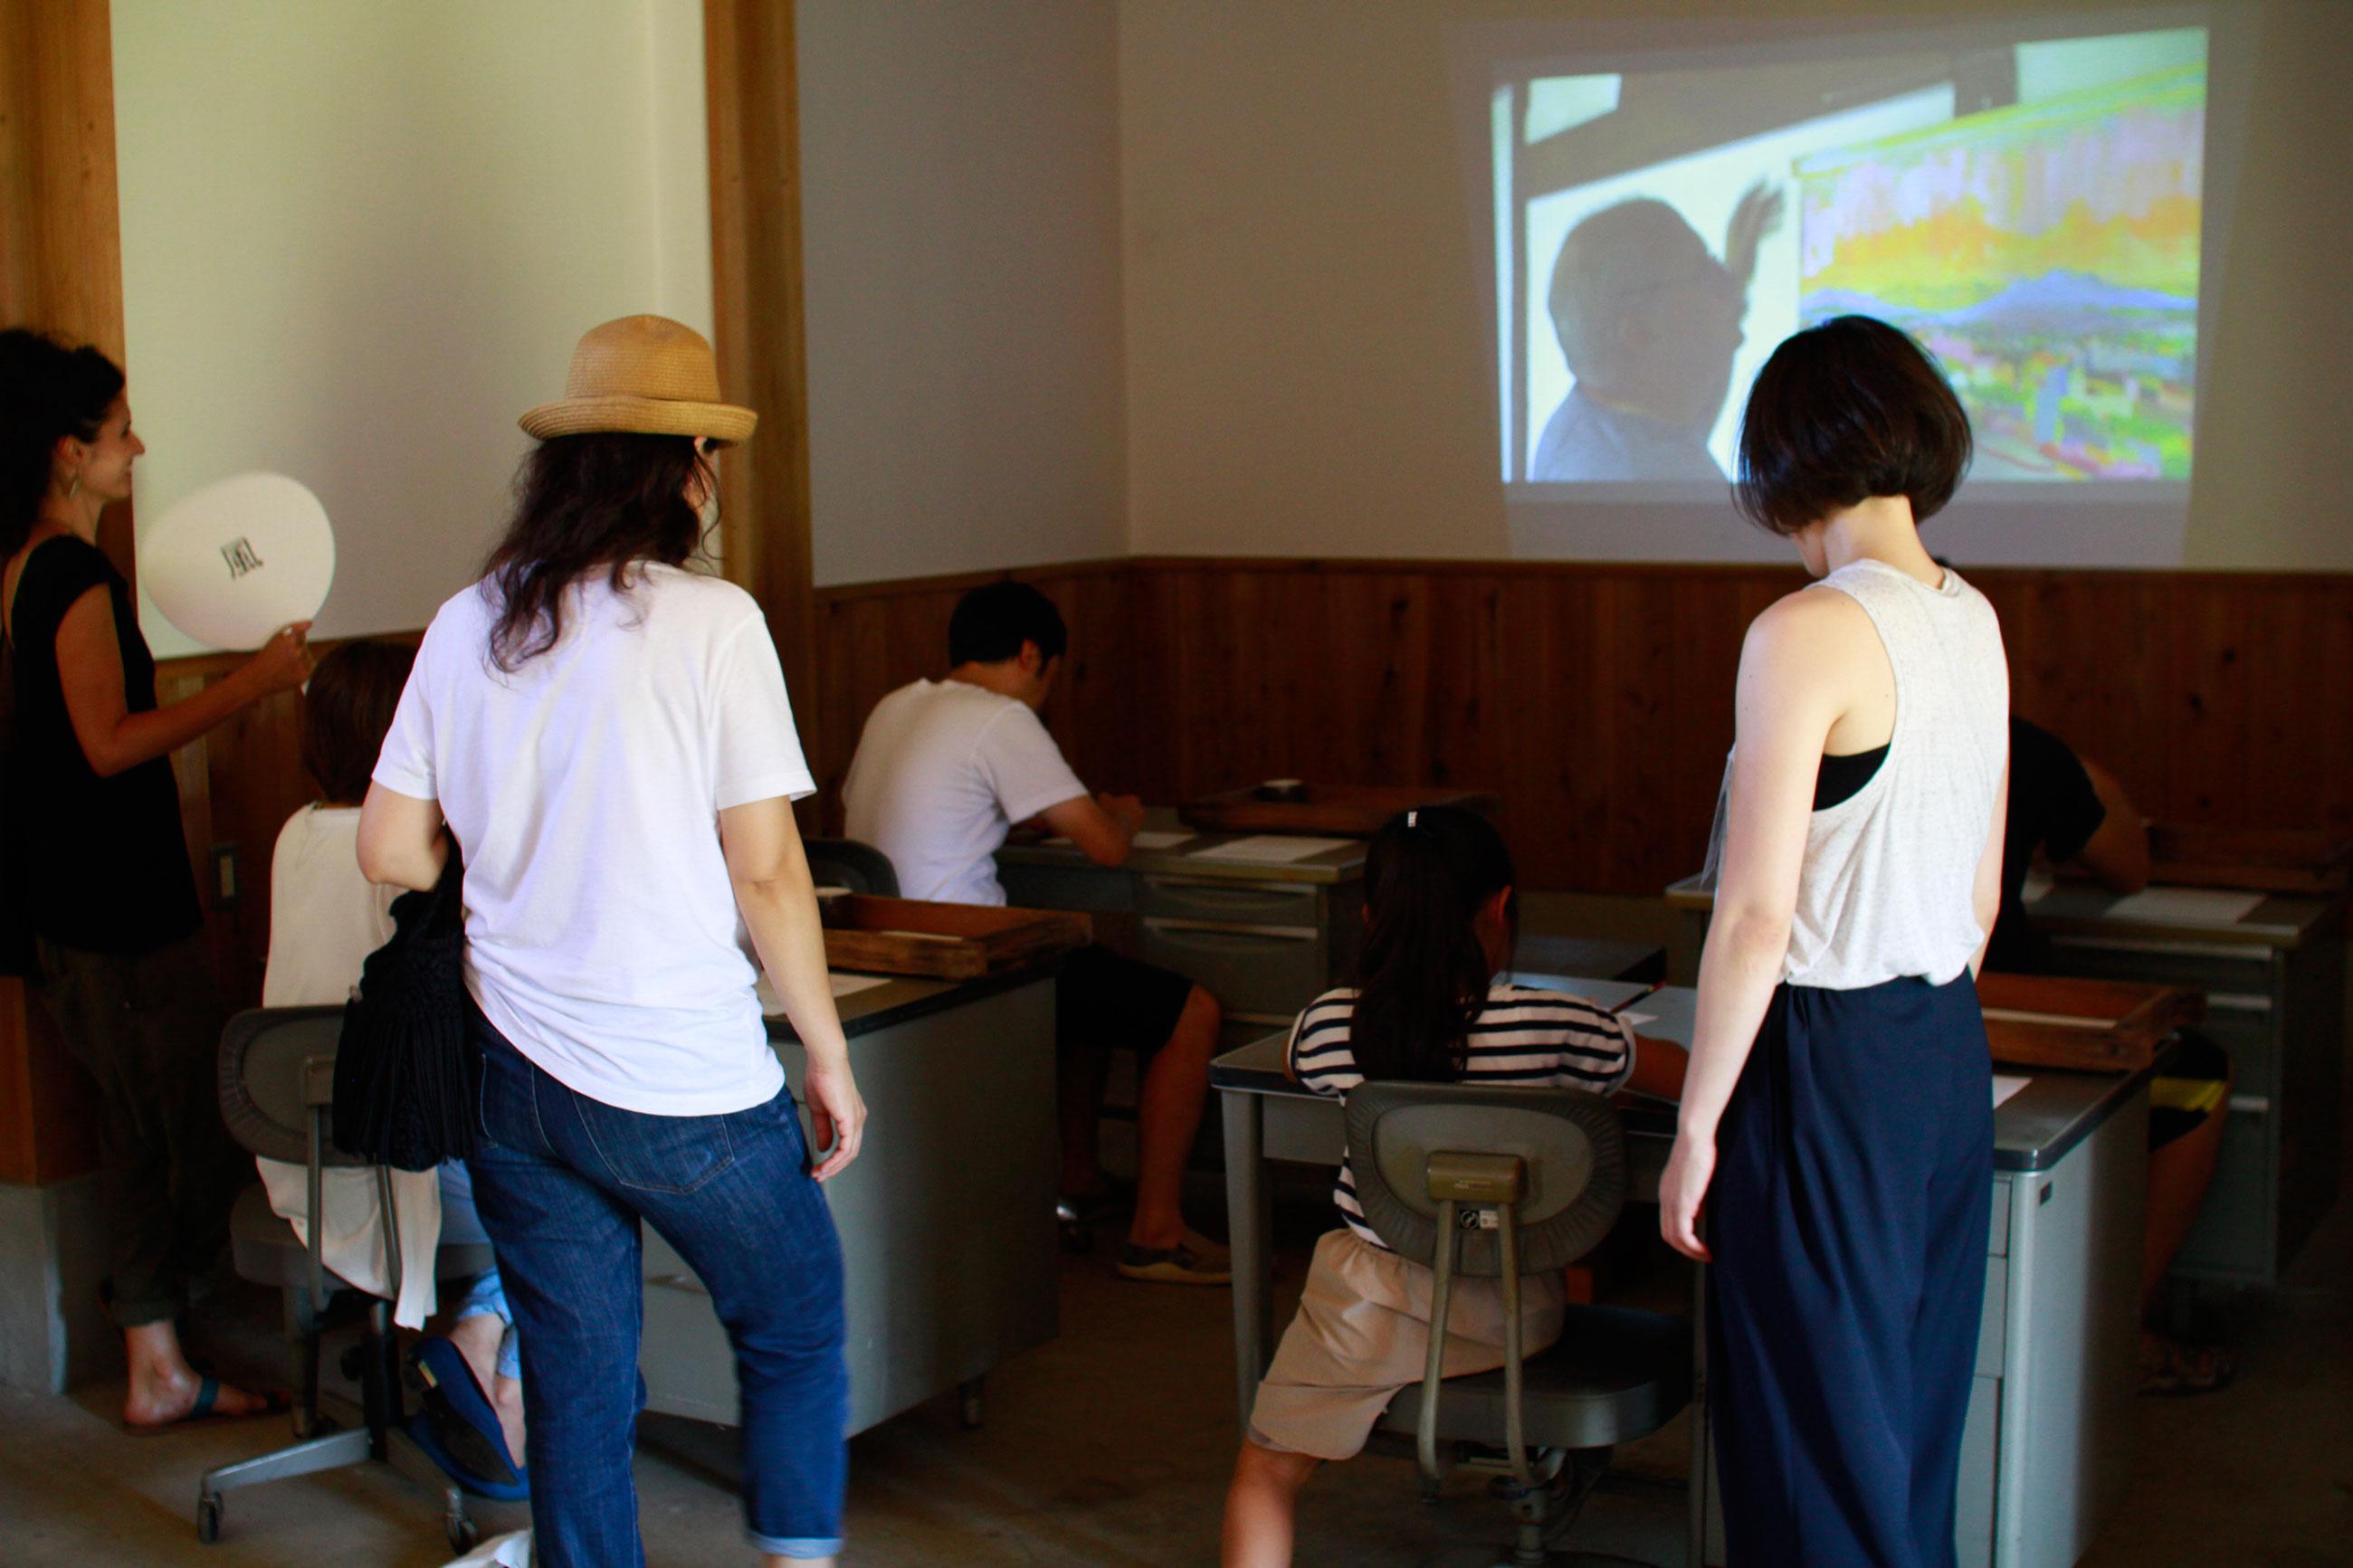 鬼石夏祭り鬼石夏祭りに参加したアーティスト。2016年鬼石の展示会。Shiro Oni Studio art Exhibition 2016に参加したアーティスト。2016年鬼石の展示会。Shiro Oni Studio art Exhibition 2016